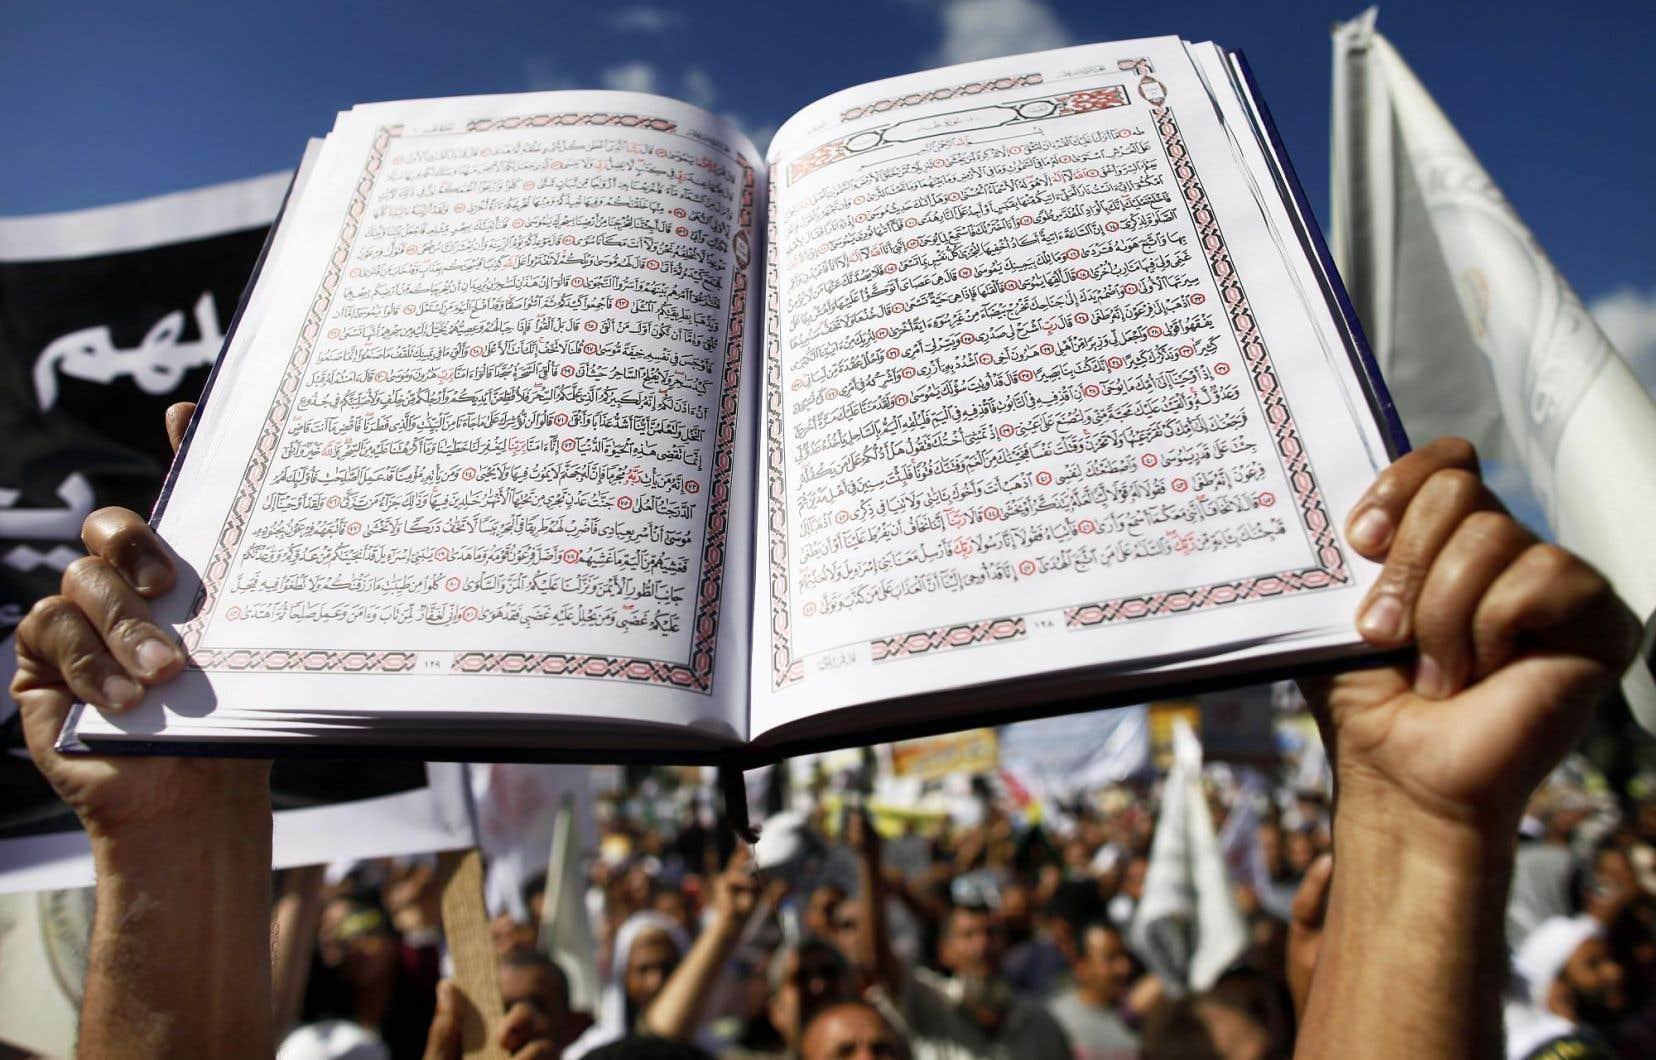 Un manifestant égyptien salafiste brandit des pages du Coran pour demander l'adoption de la charia dans son pays.